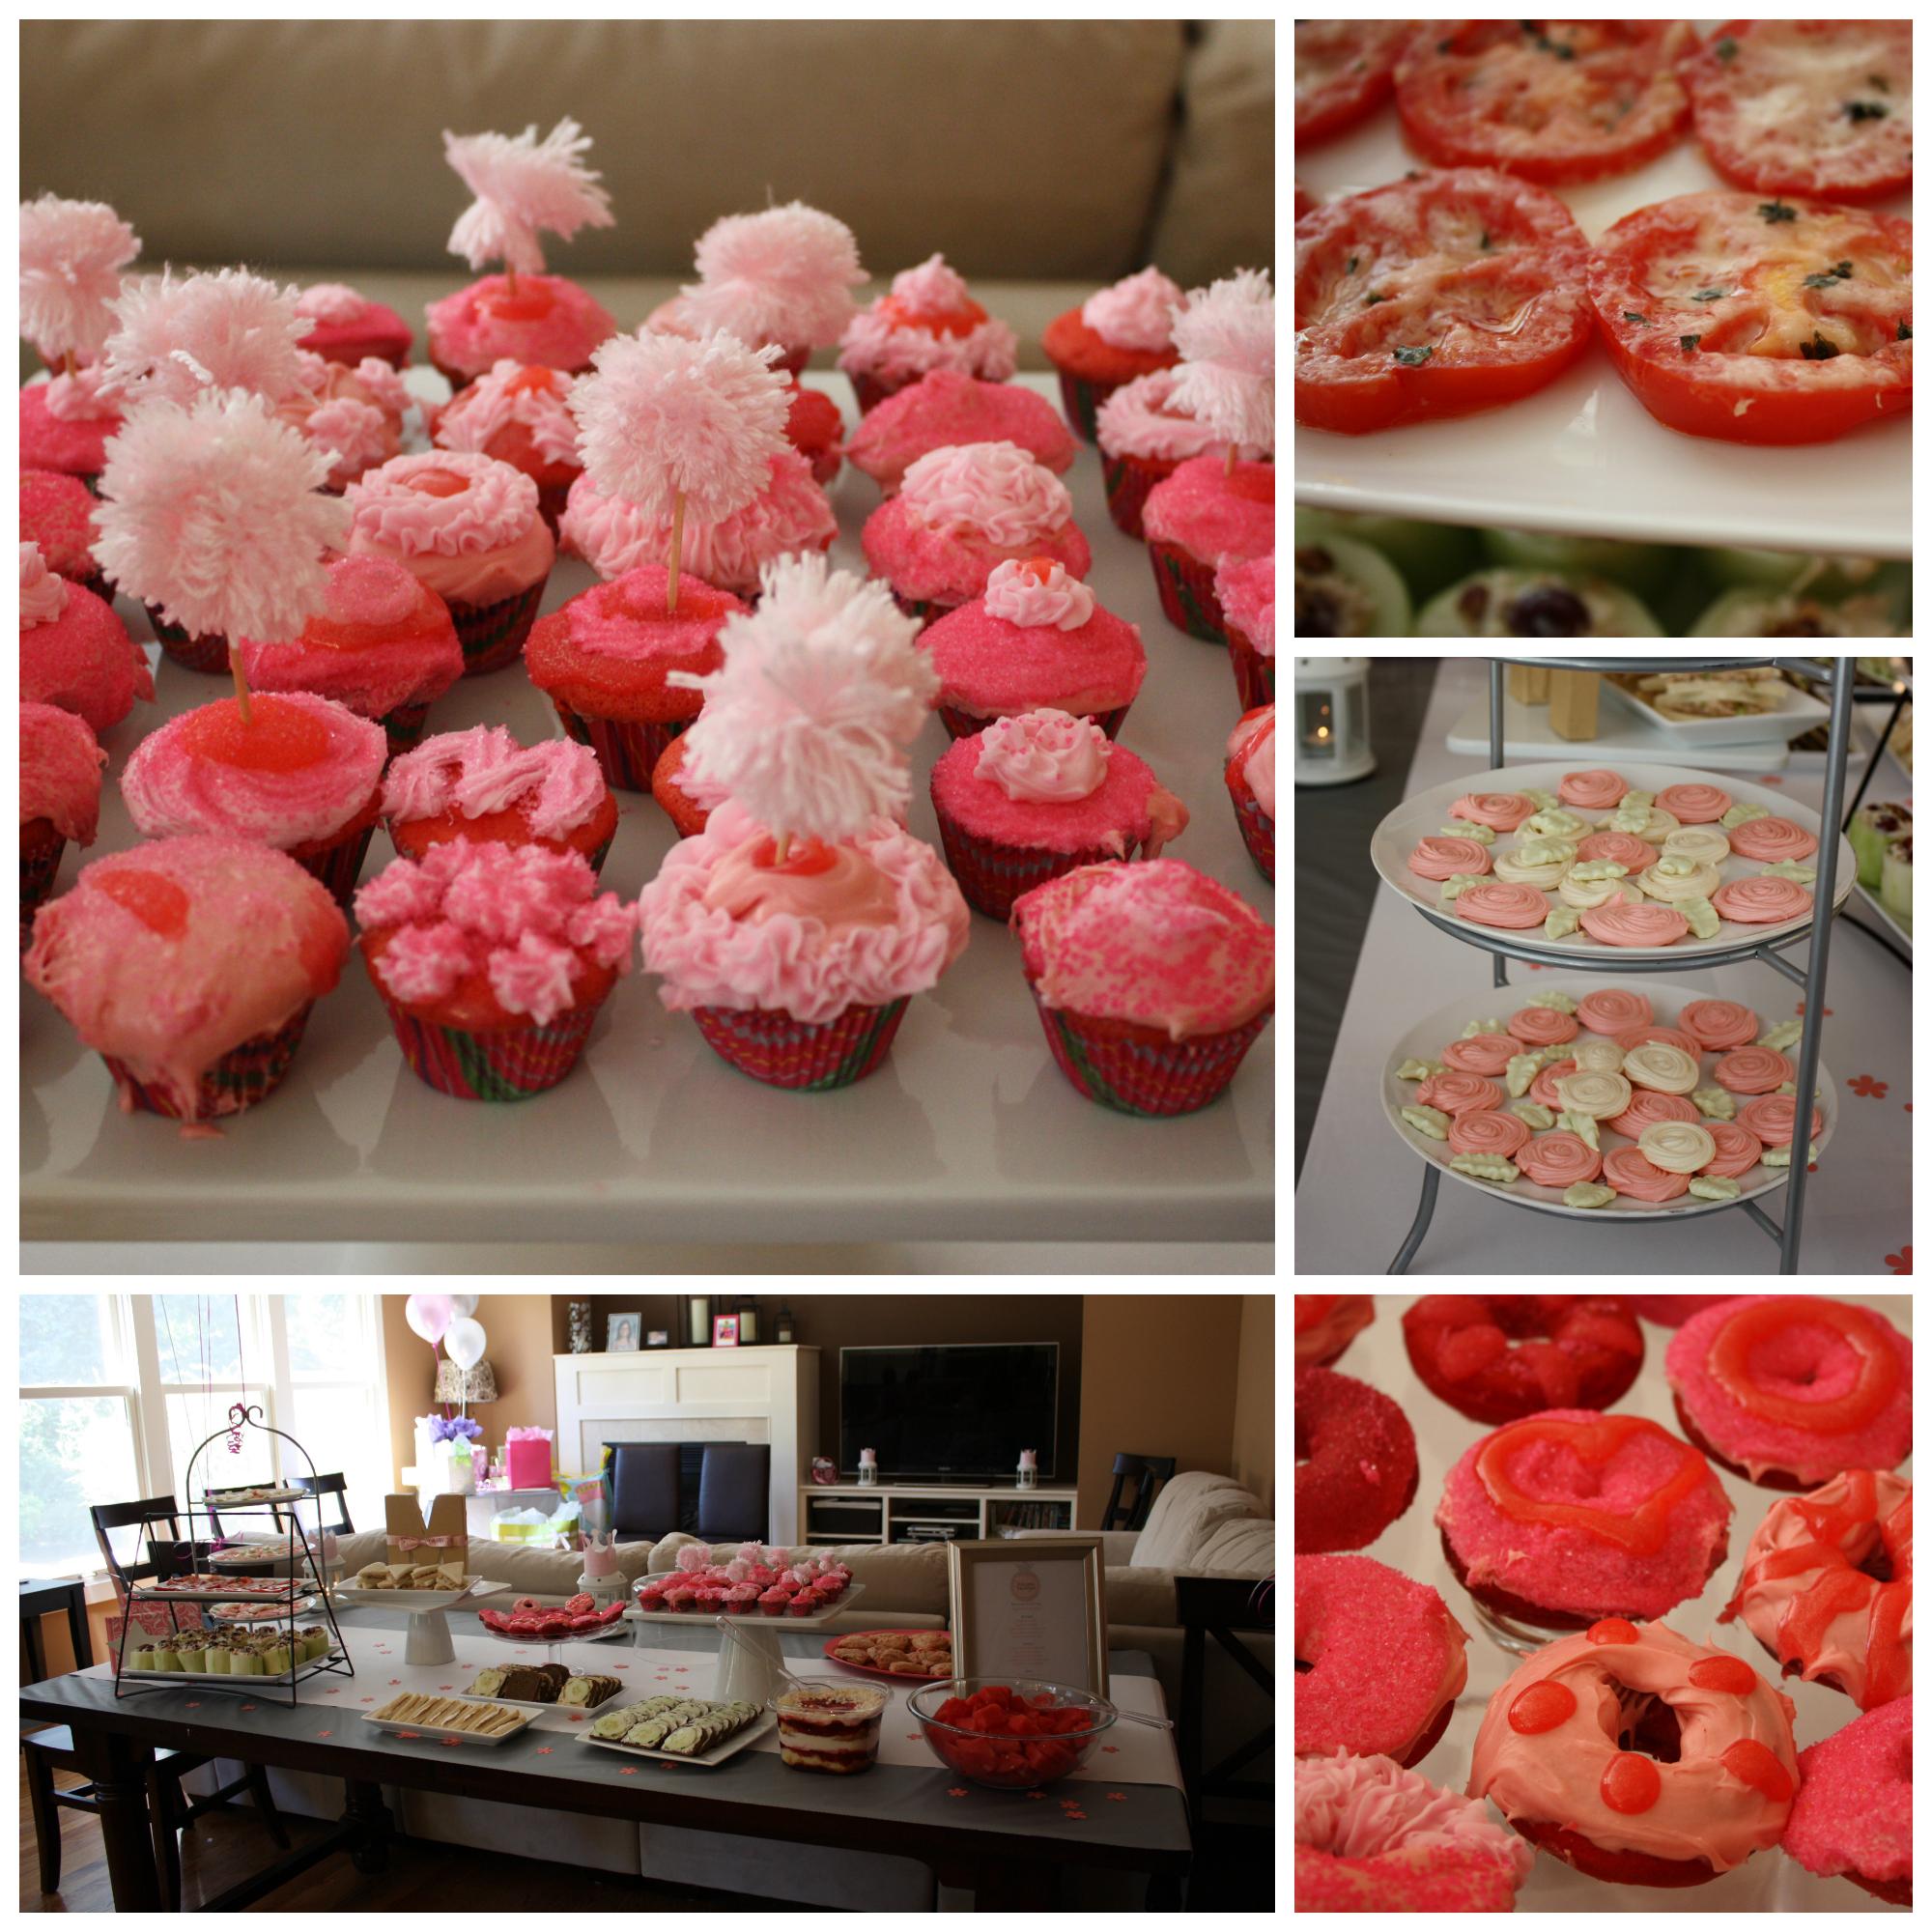 Baby Shower Girl Snacks ~ Food for baby shower girl recipes